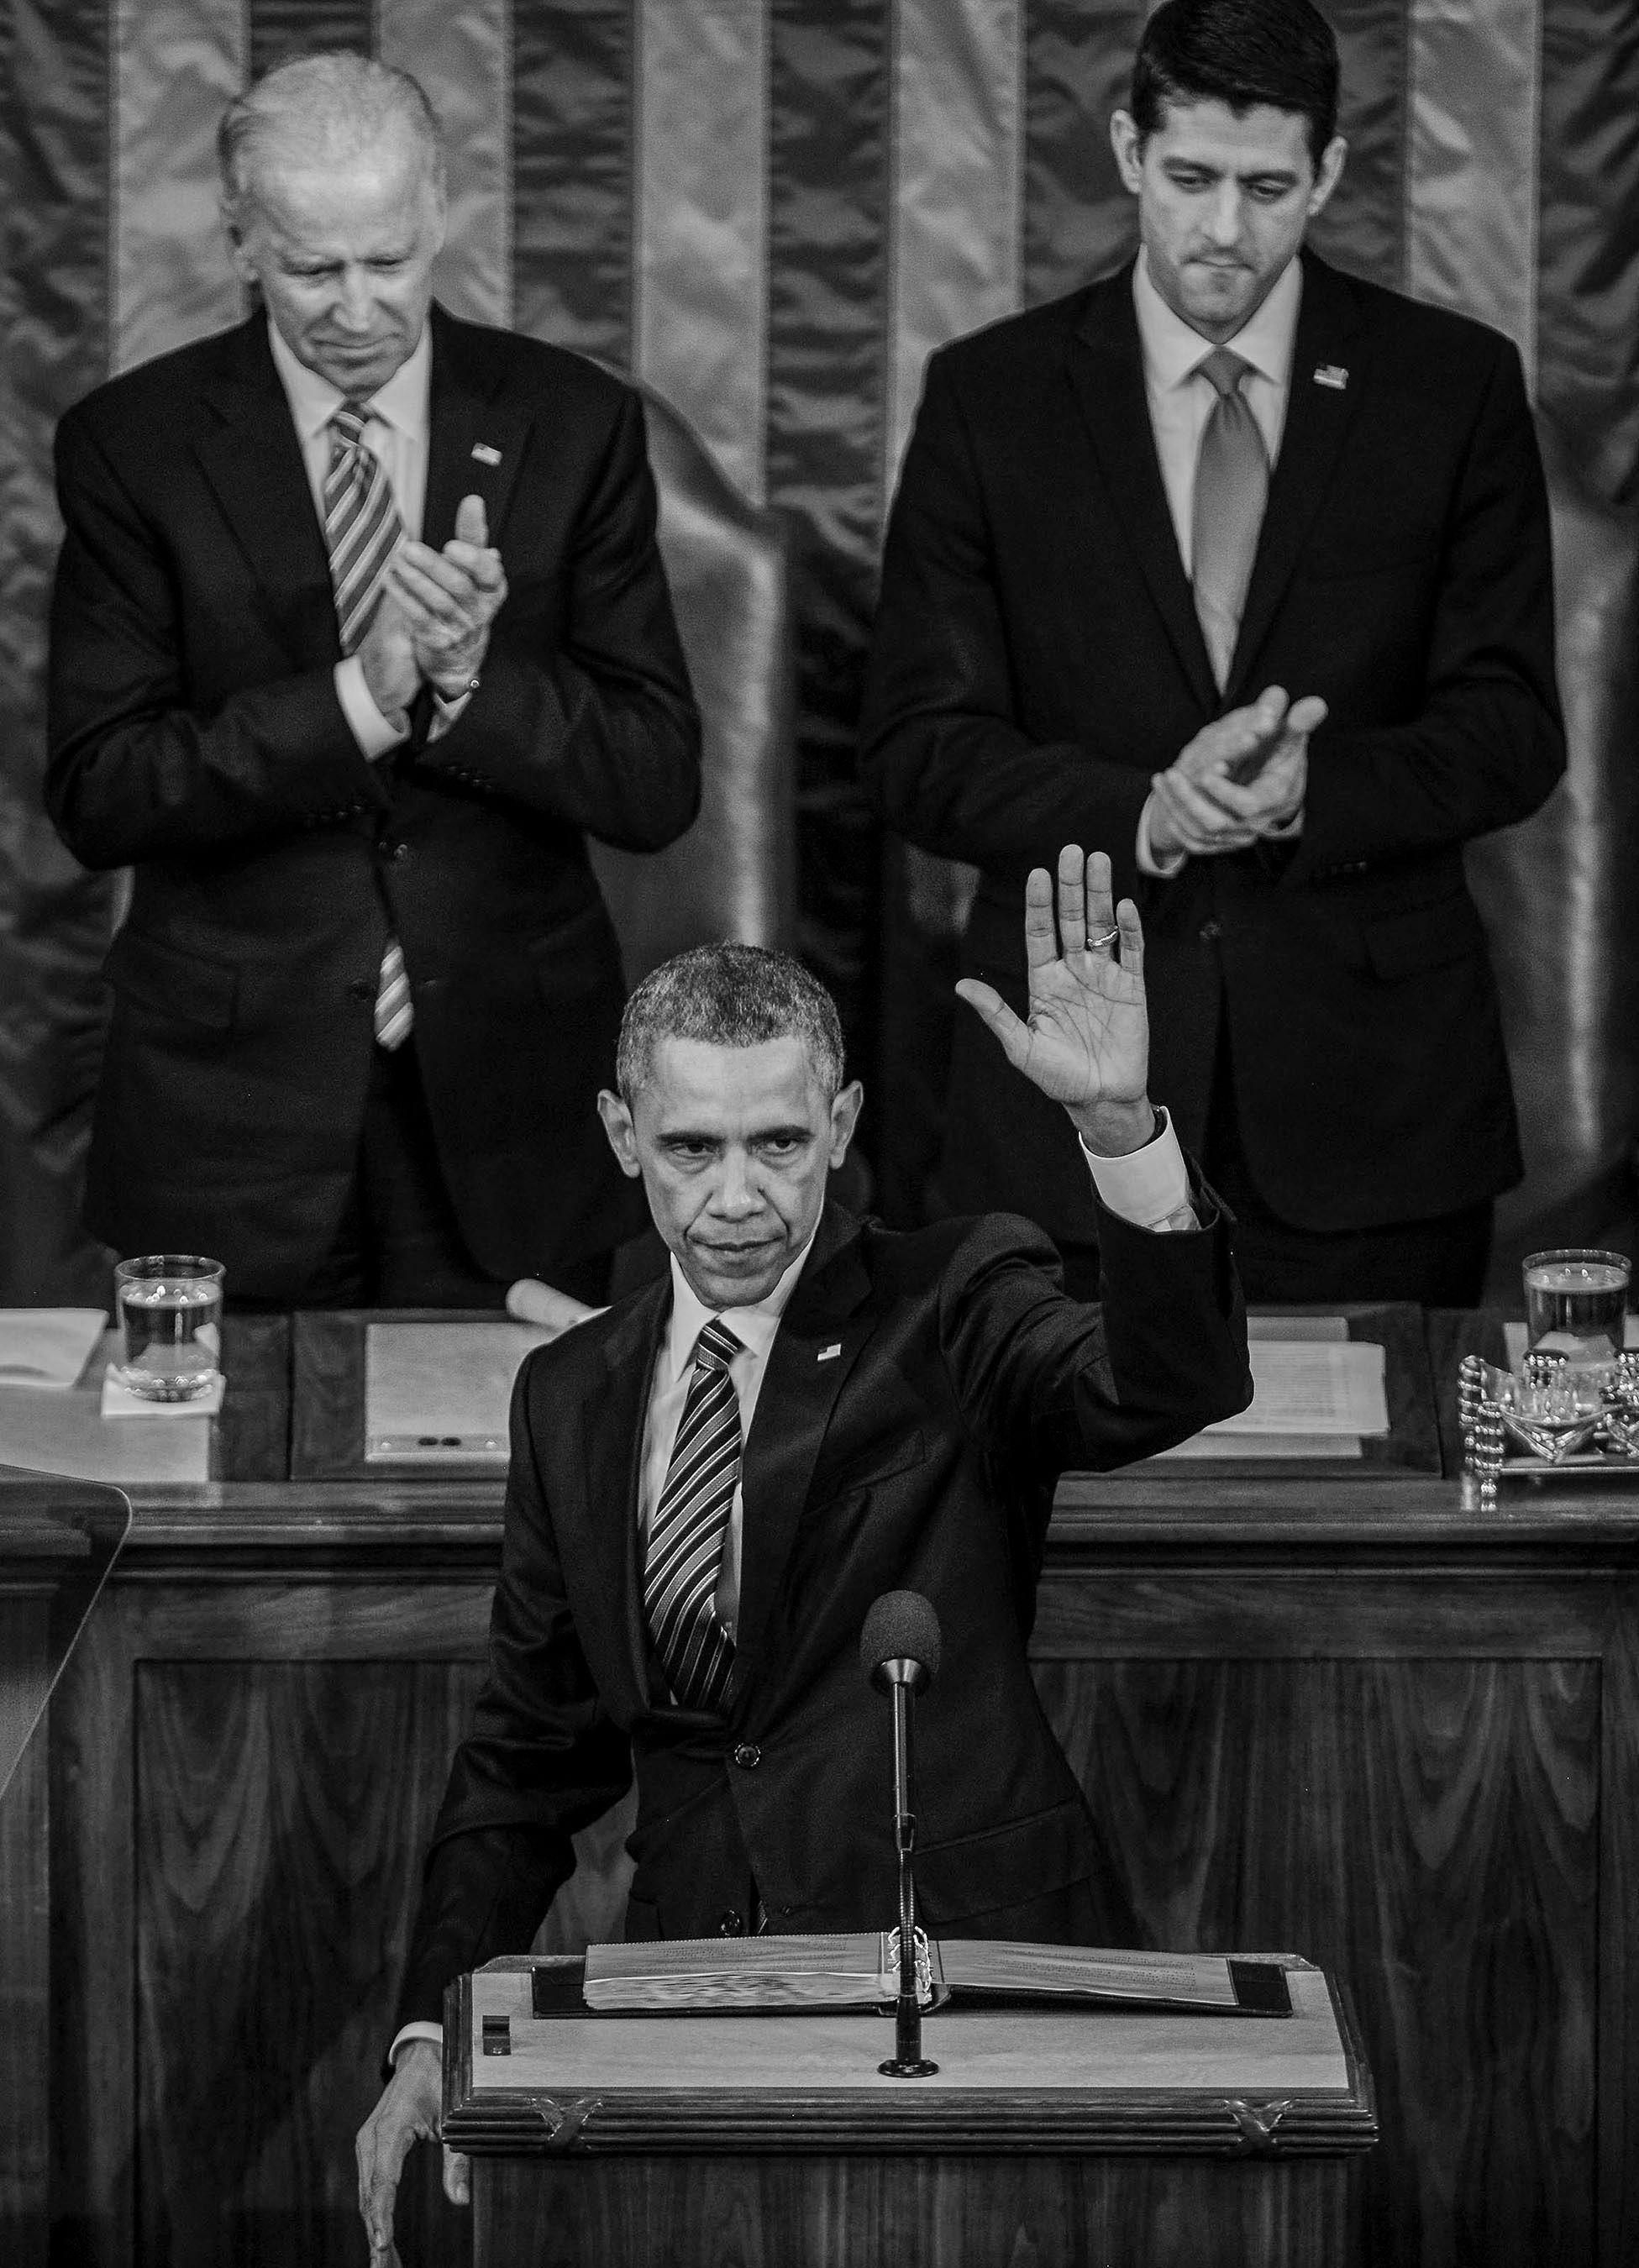 ObamaWaveSOTUWeb.jpg